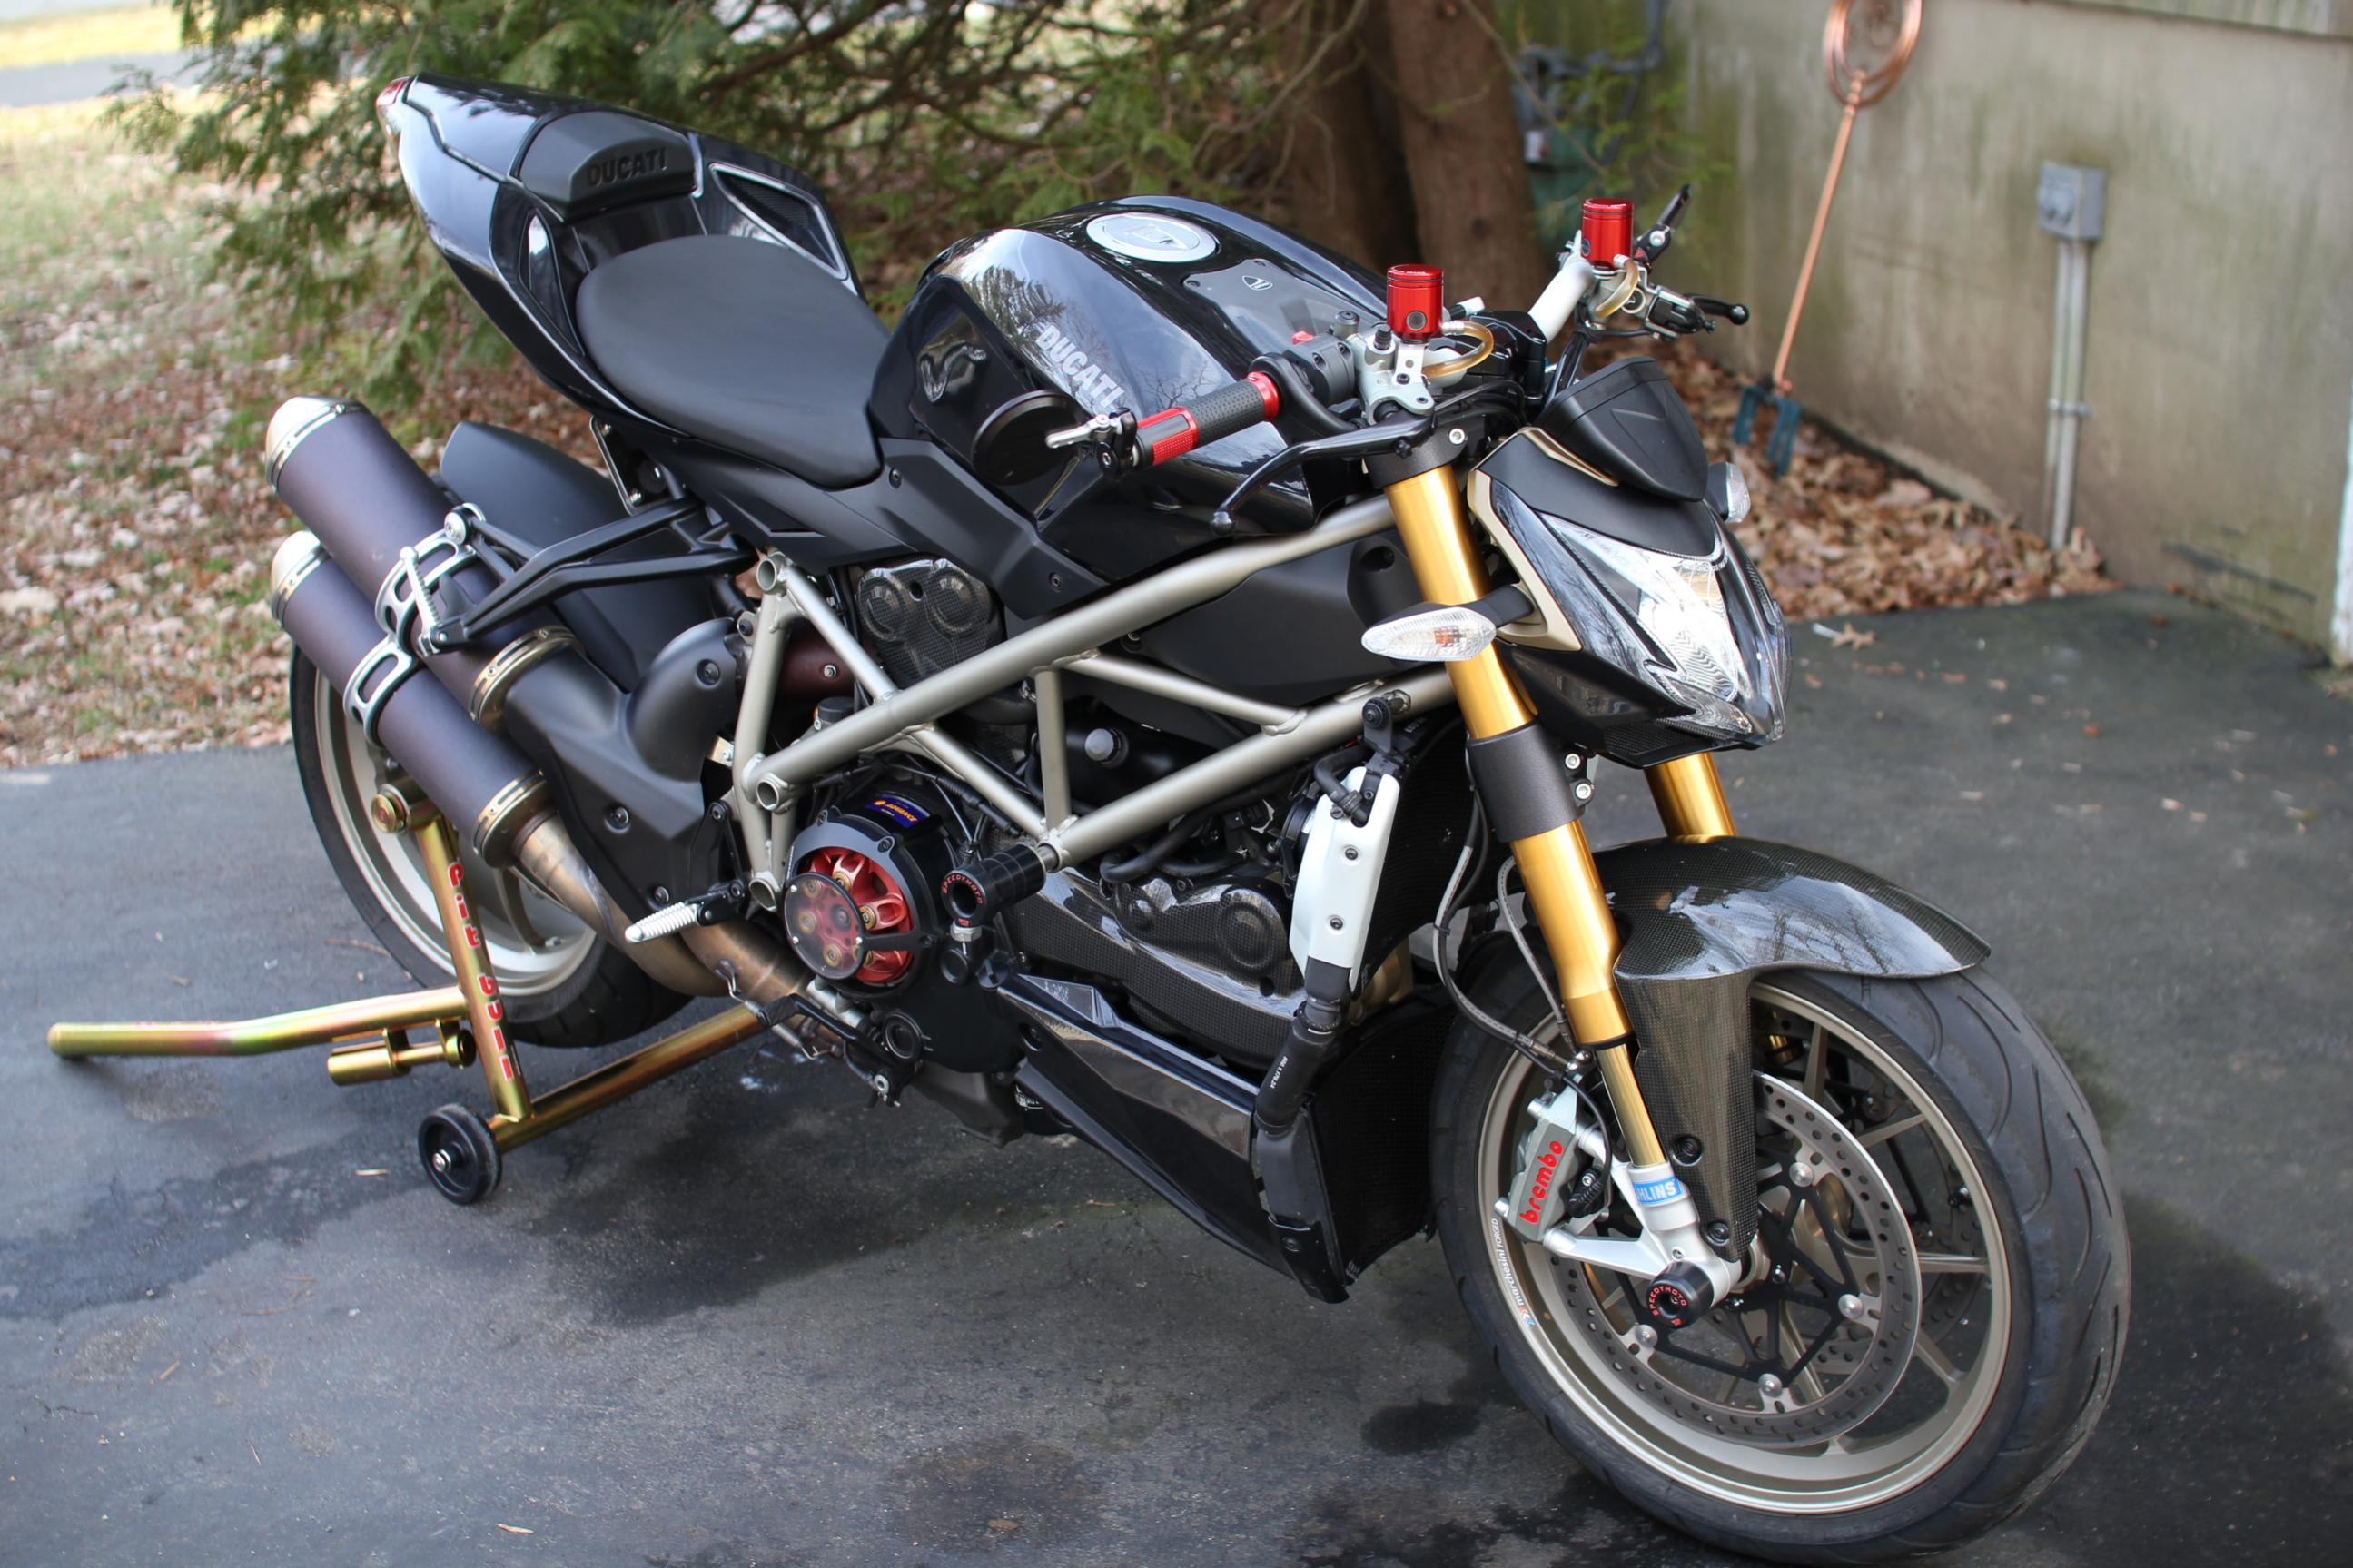 Ducati Streetfighter Black Black Ducati Streetfighter s